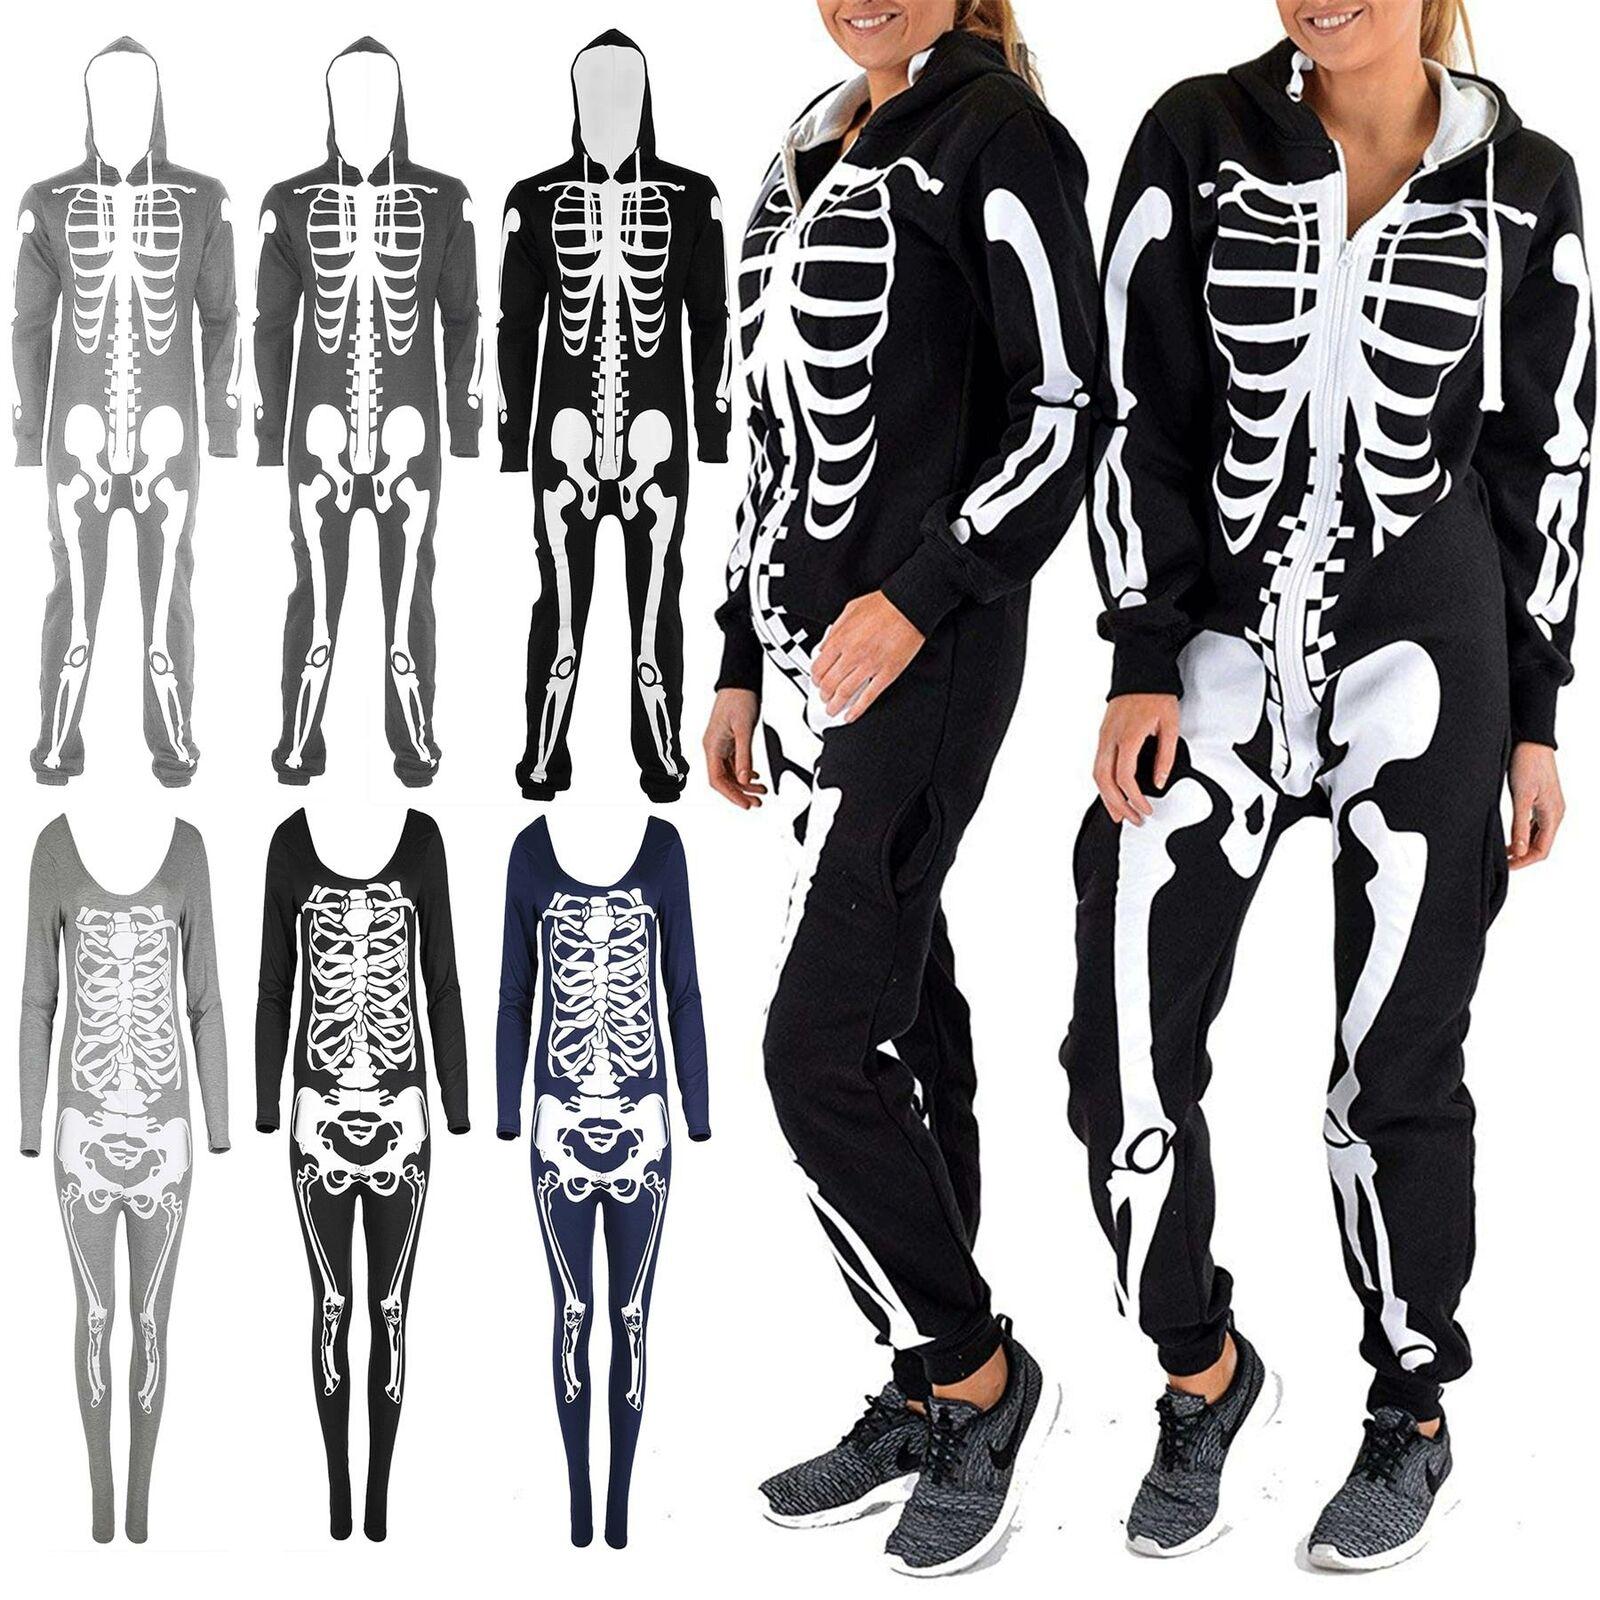 Womens All In One Skeleton Halloween Ladies Hooded Horror Costume ZipUp Jumpsuit